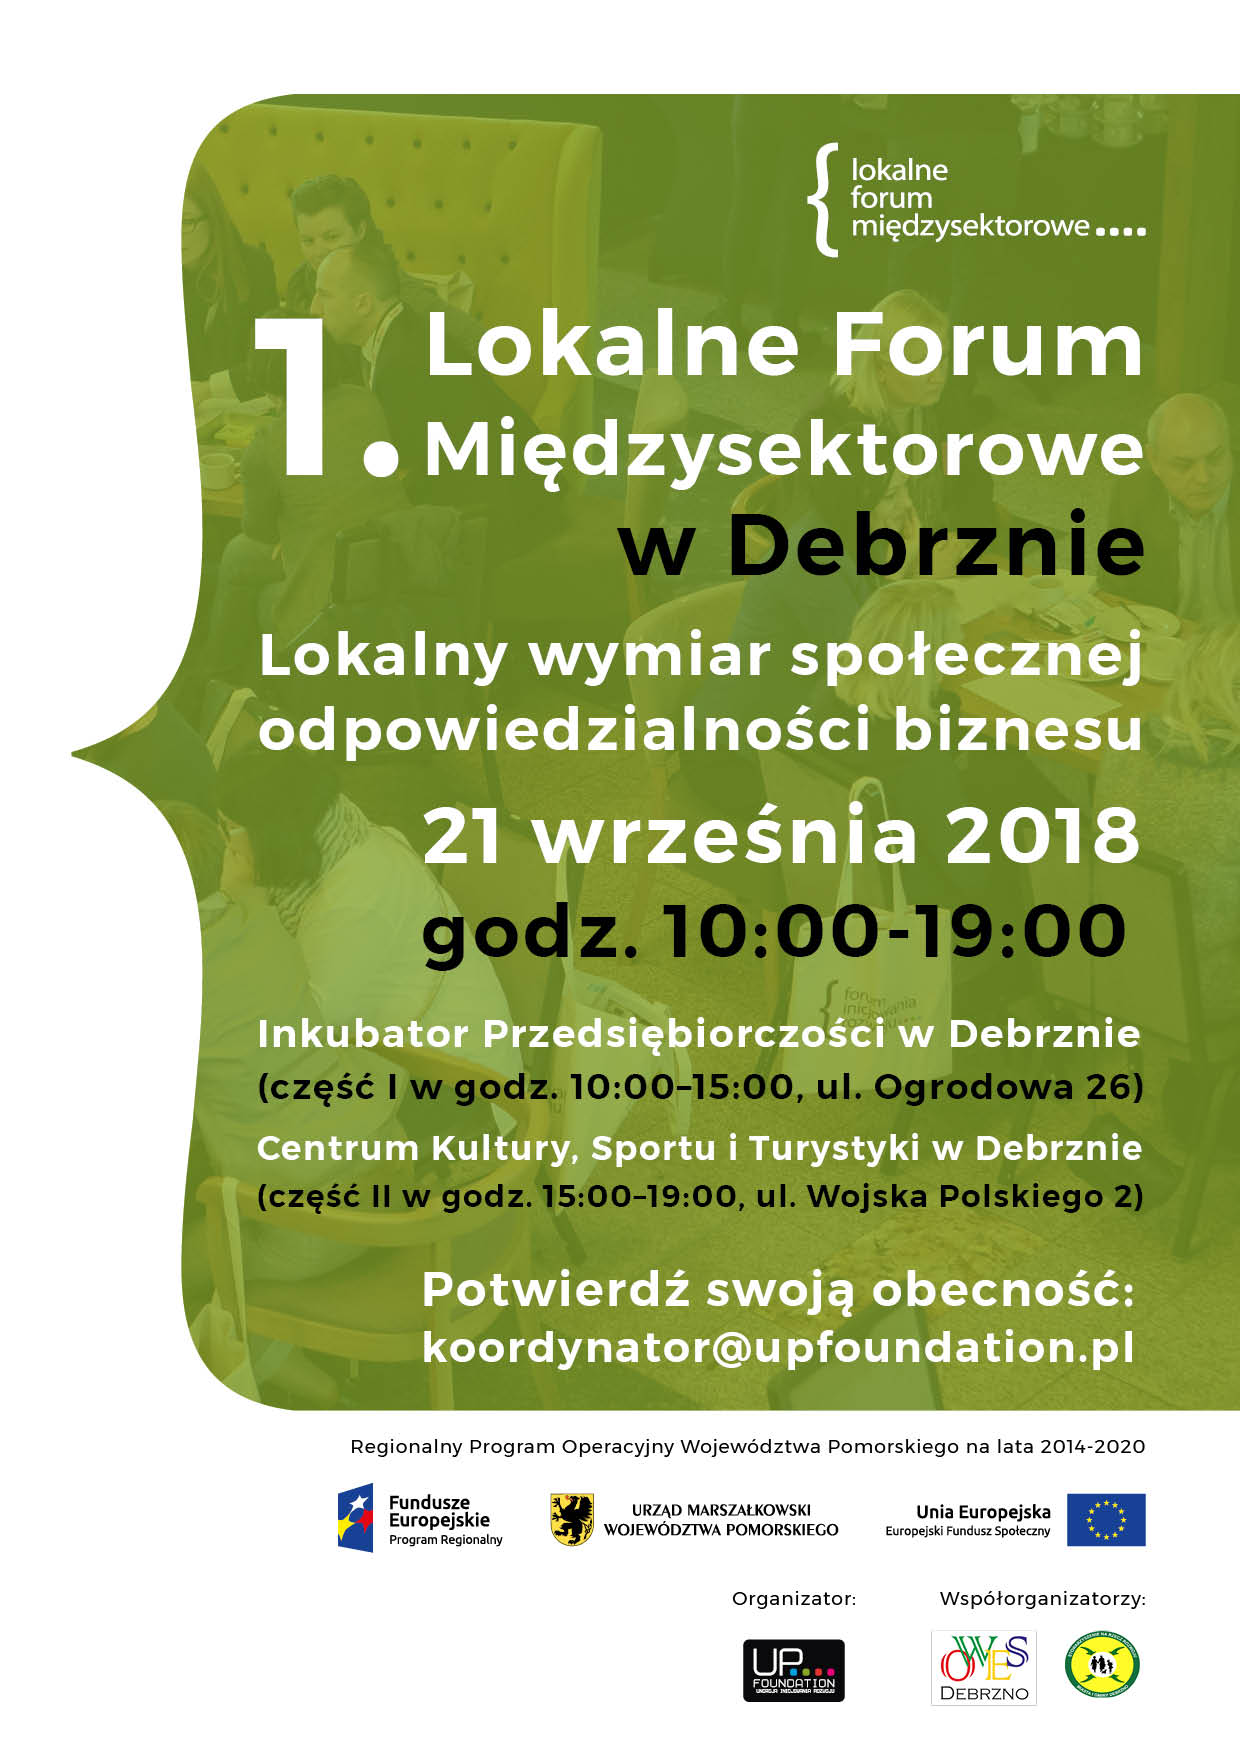 Lokalne Forum Międzysektorowe w Debrznie